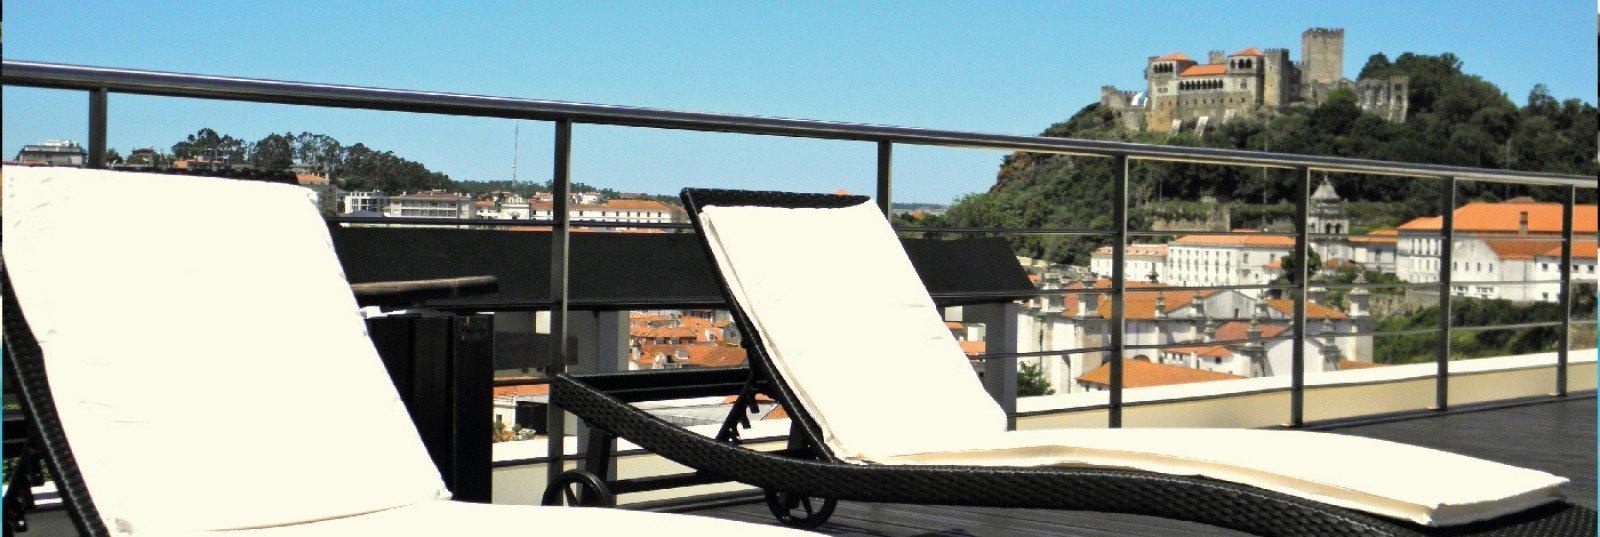 R. Comissão da Iniciativa, 13 - Leiria - Portugal